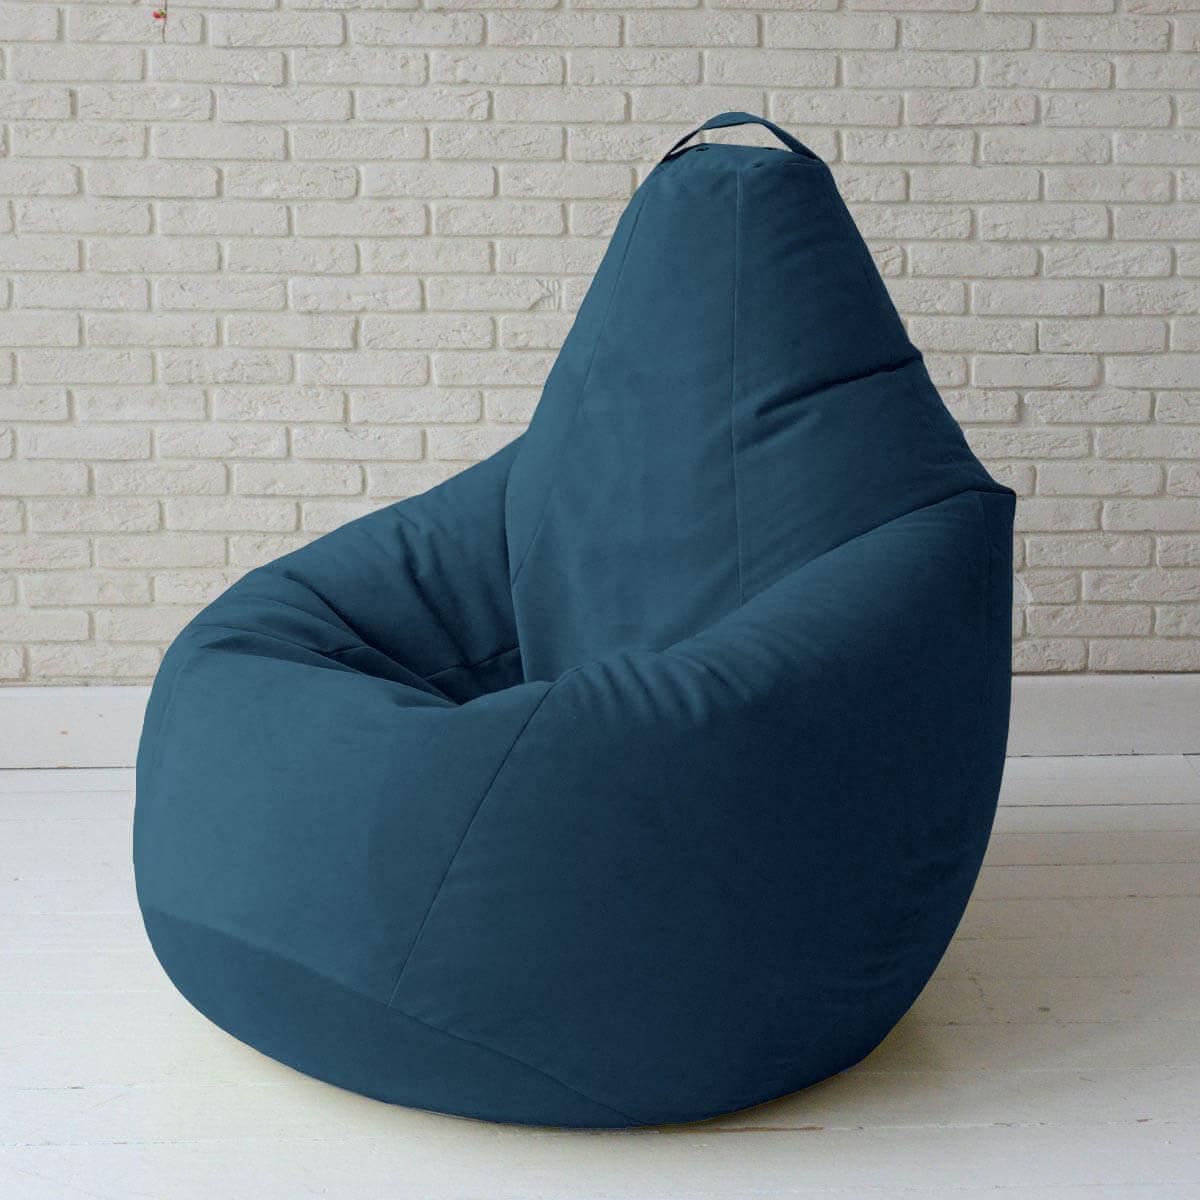 Кресло-груша KatyPuf темно-синее Велюр, Размер XXL 140x100